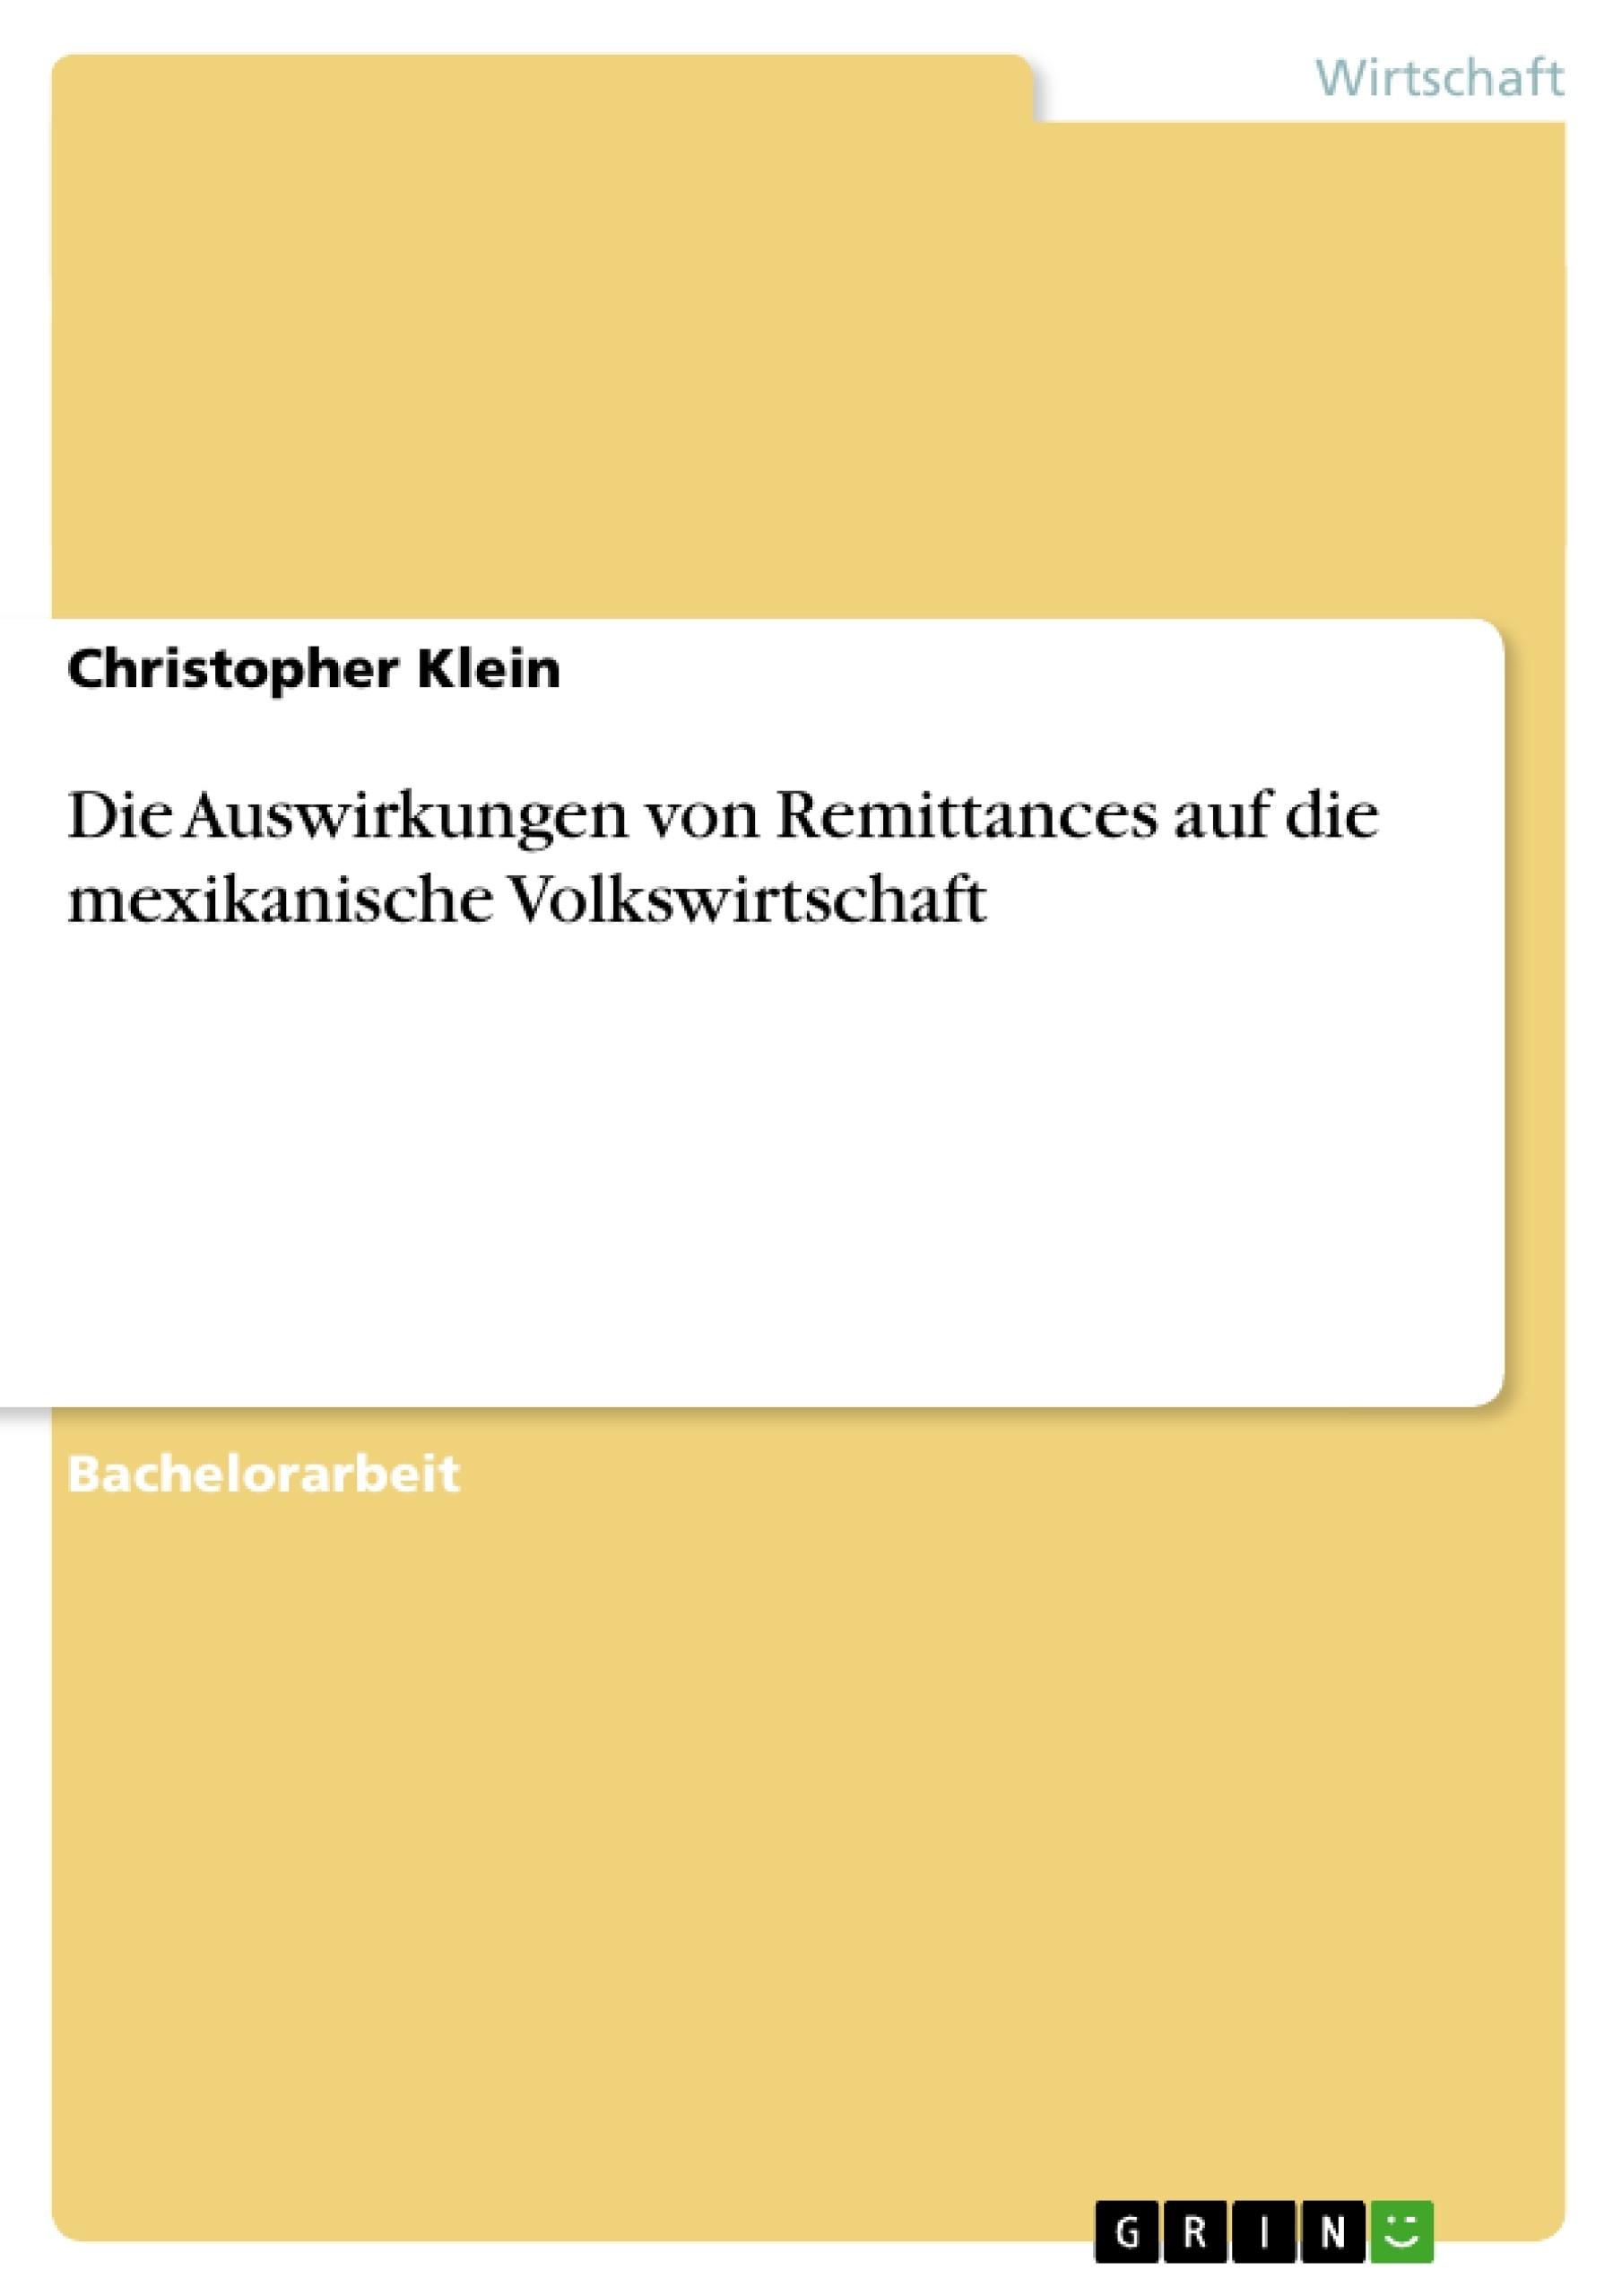 Titel: Die Auswirkungen von Remittances auf die mexikanische Volkswirtschaft